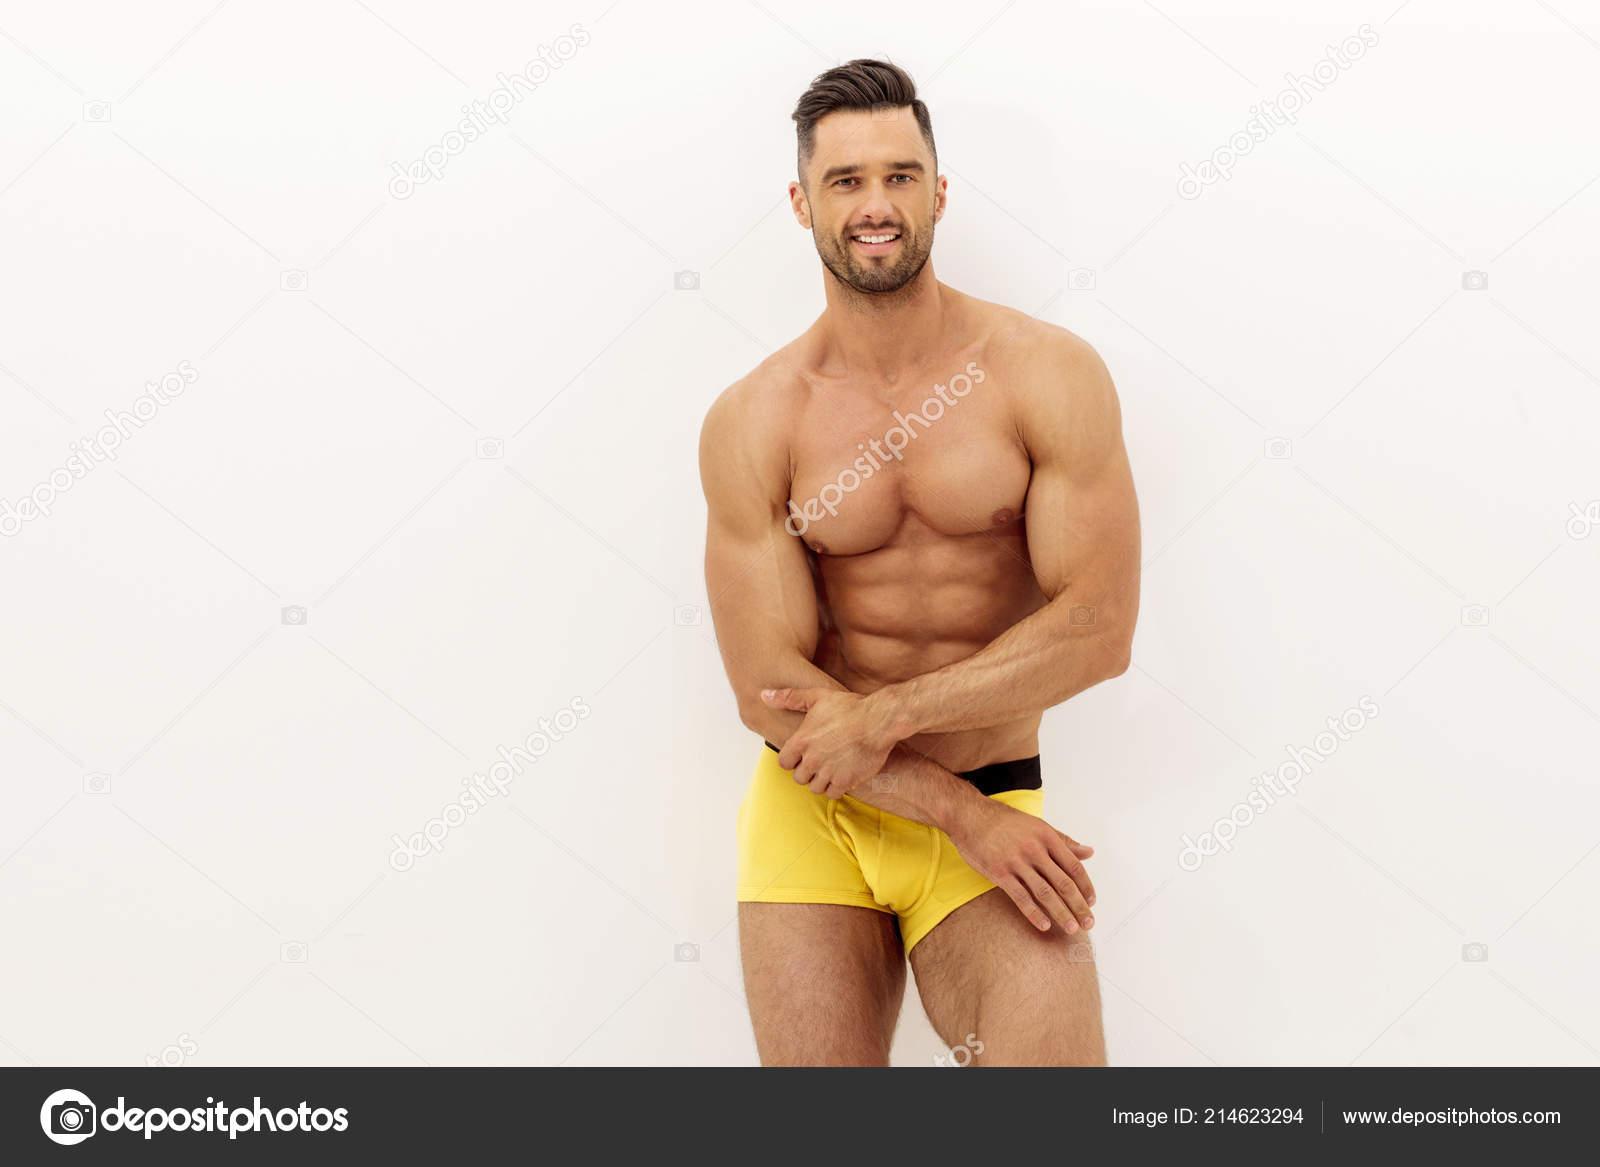 bdc5e693f5 Sexy Modelo Masculino Con Músculos Ropa Interior — Foto de stock ...